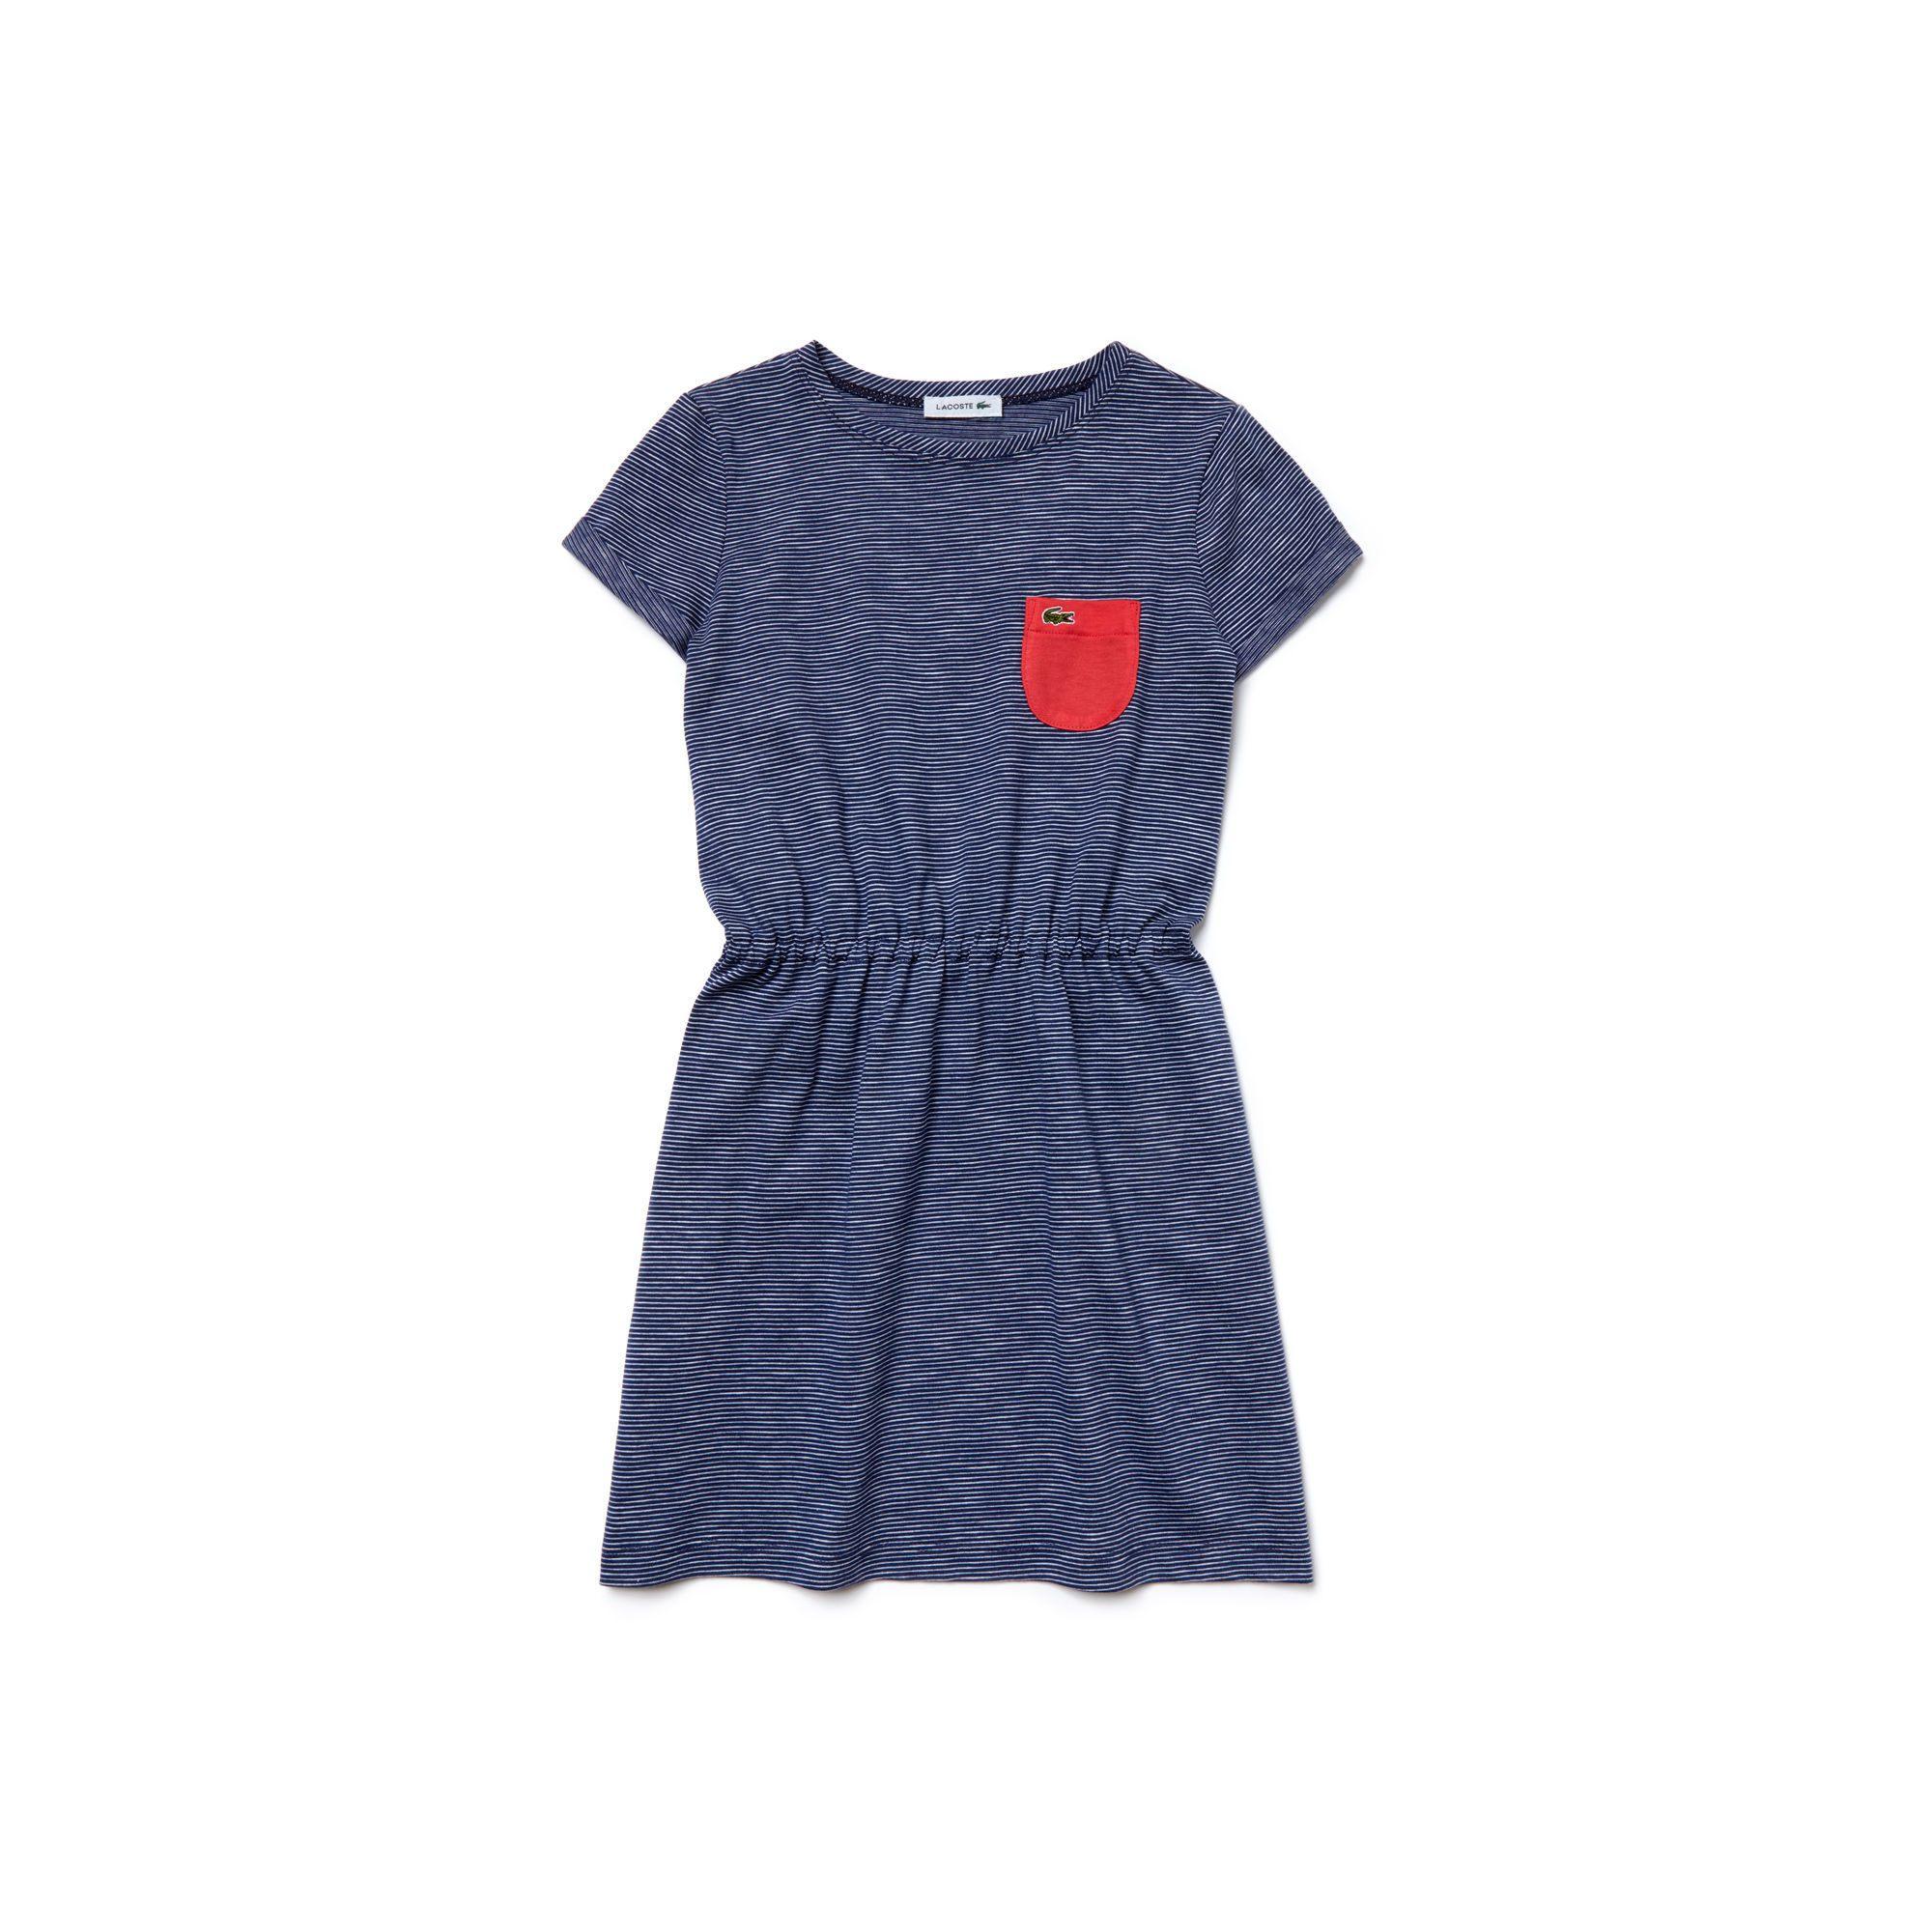 Купить Платье Lacoste, синий, EJ2790